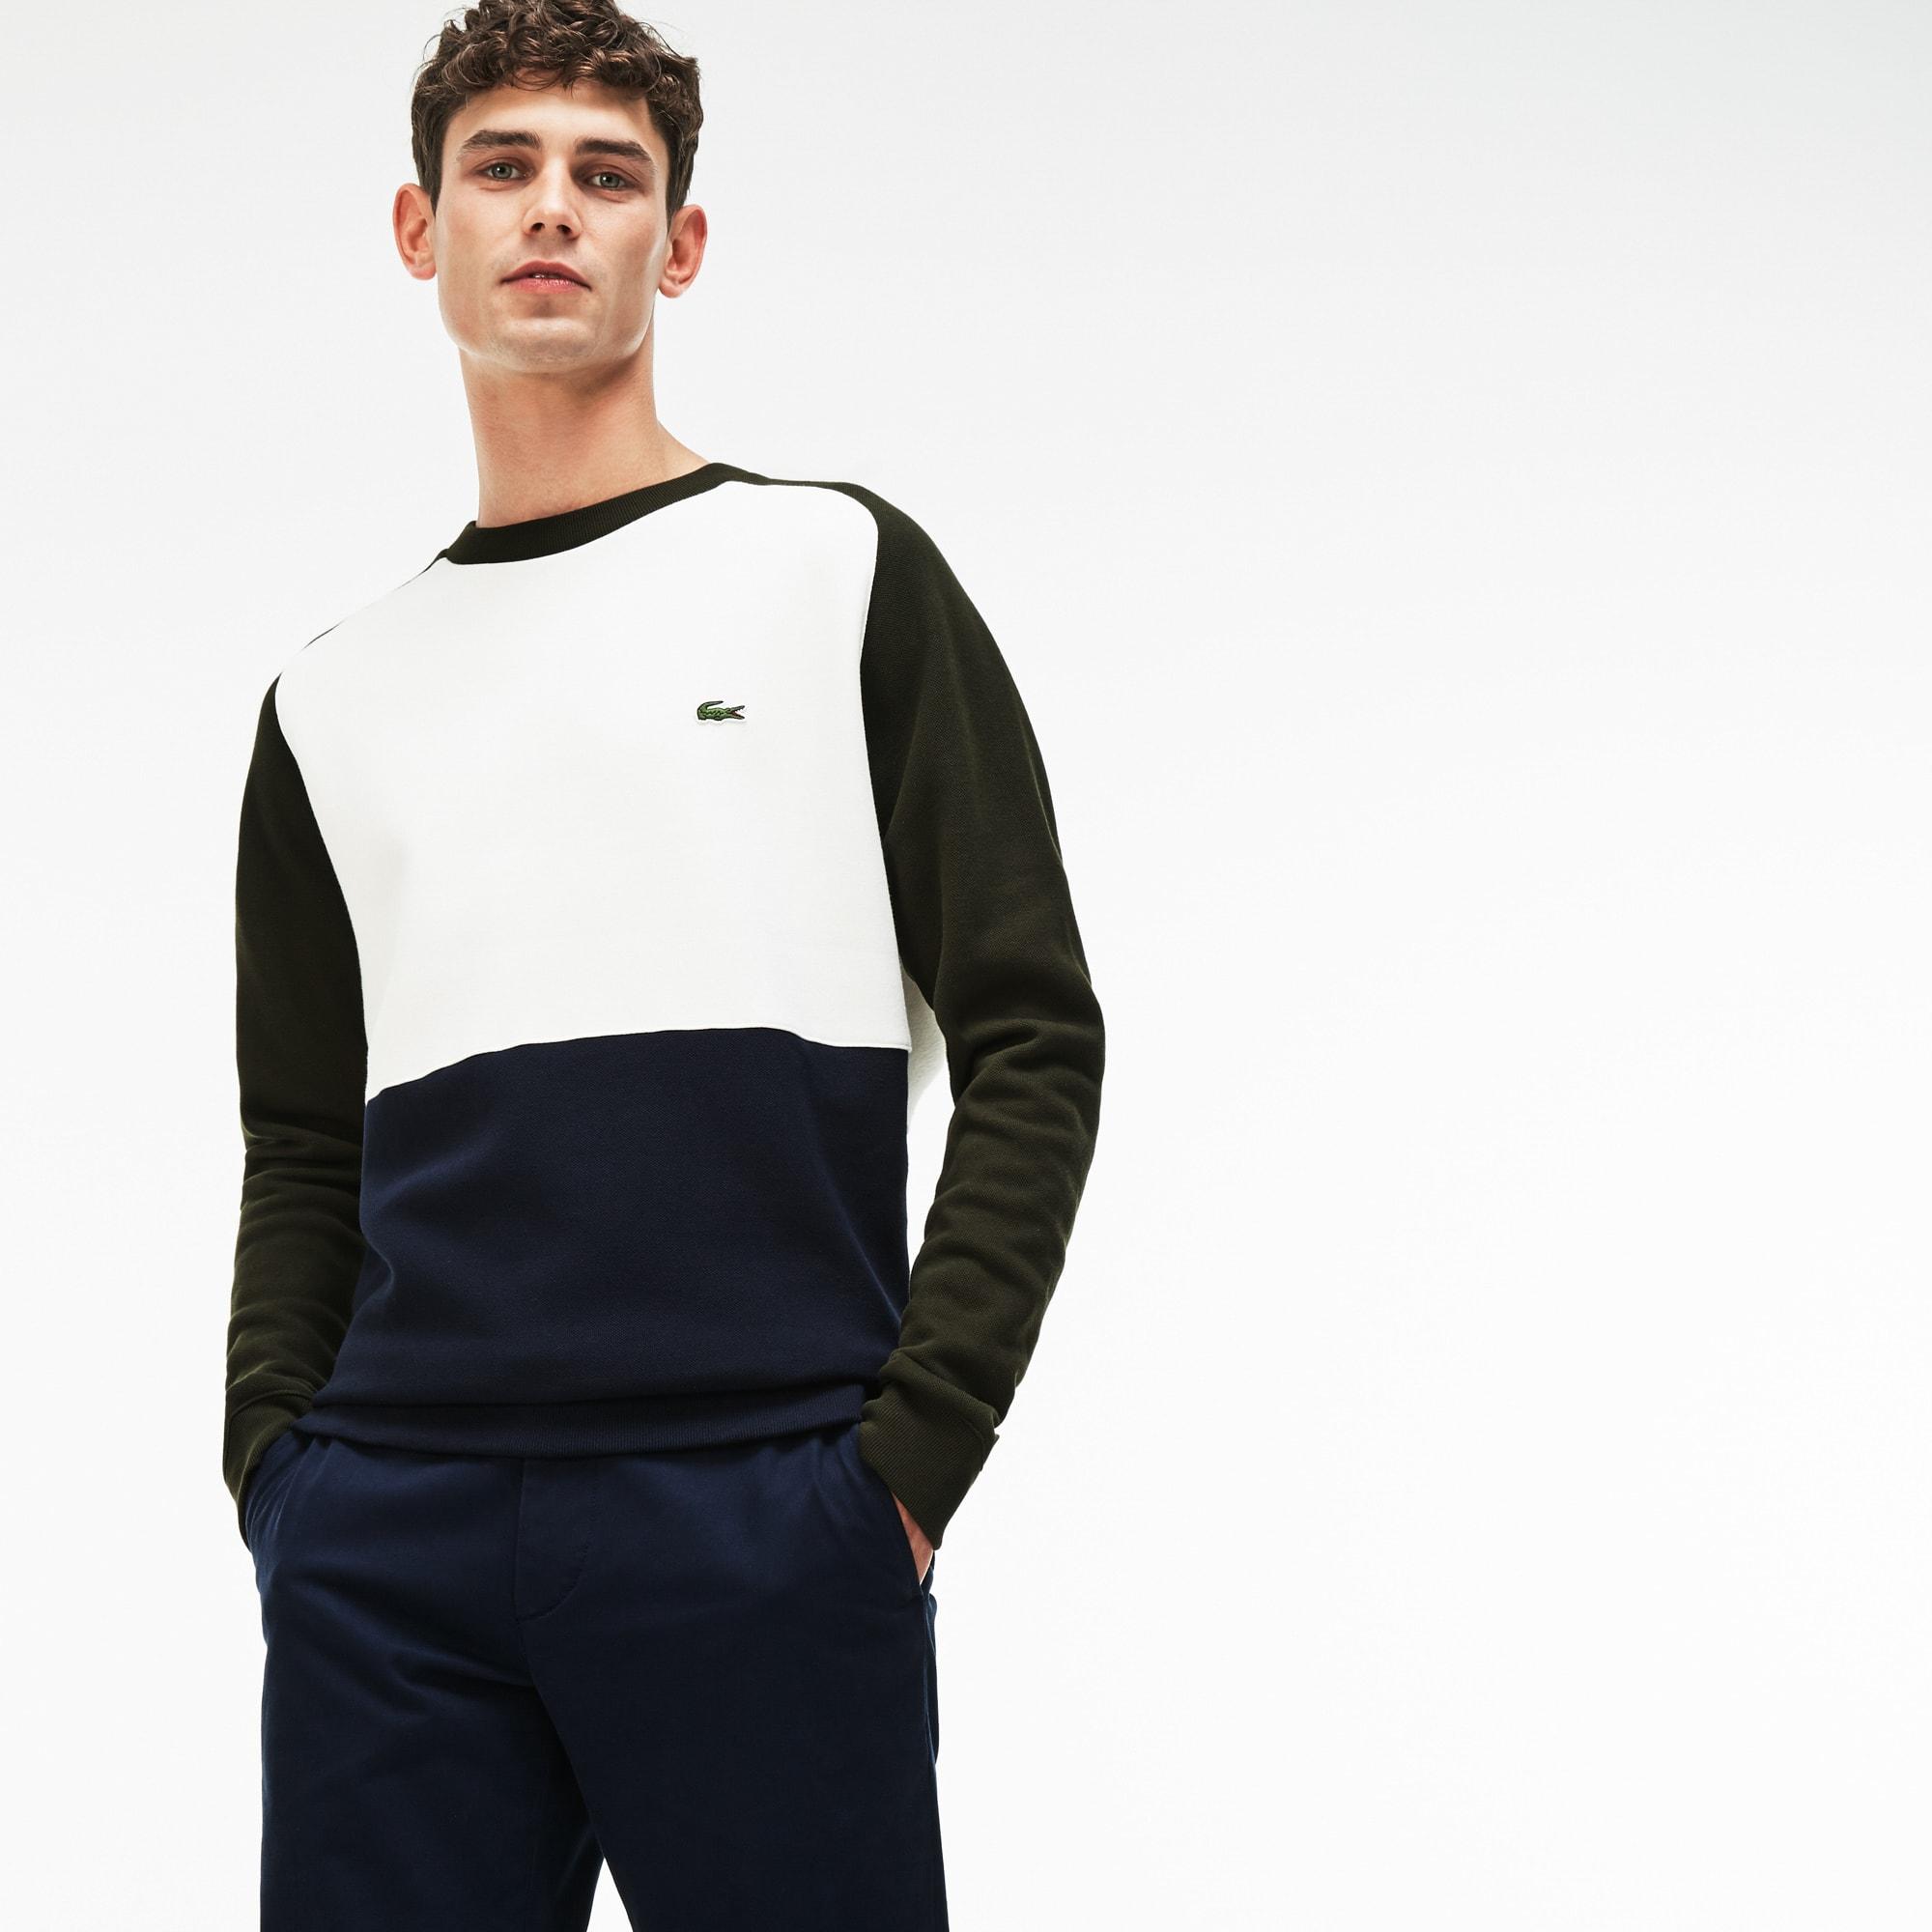 Herren-Sweatshirt aus Baumwoll-Piqué-Fleece im Colorblock-Design